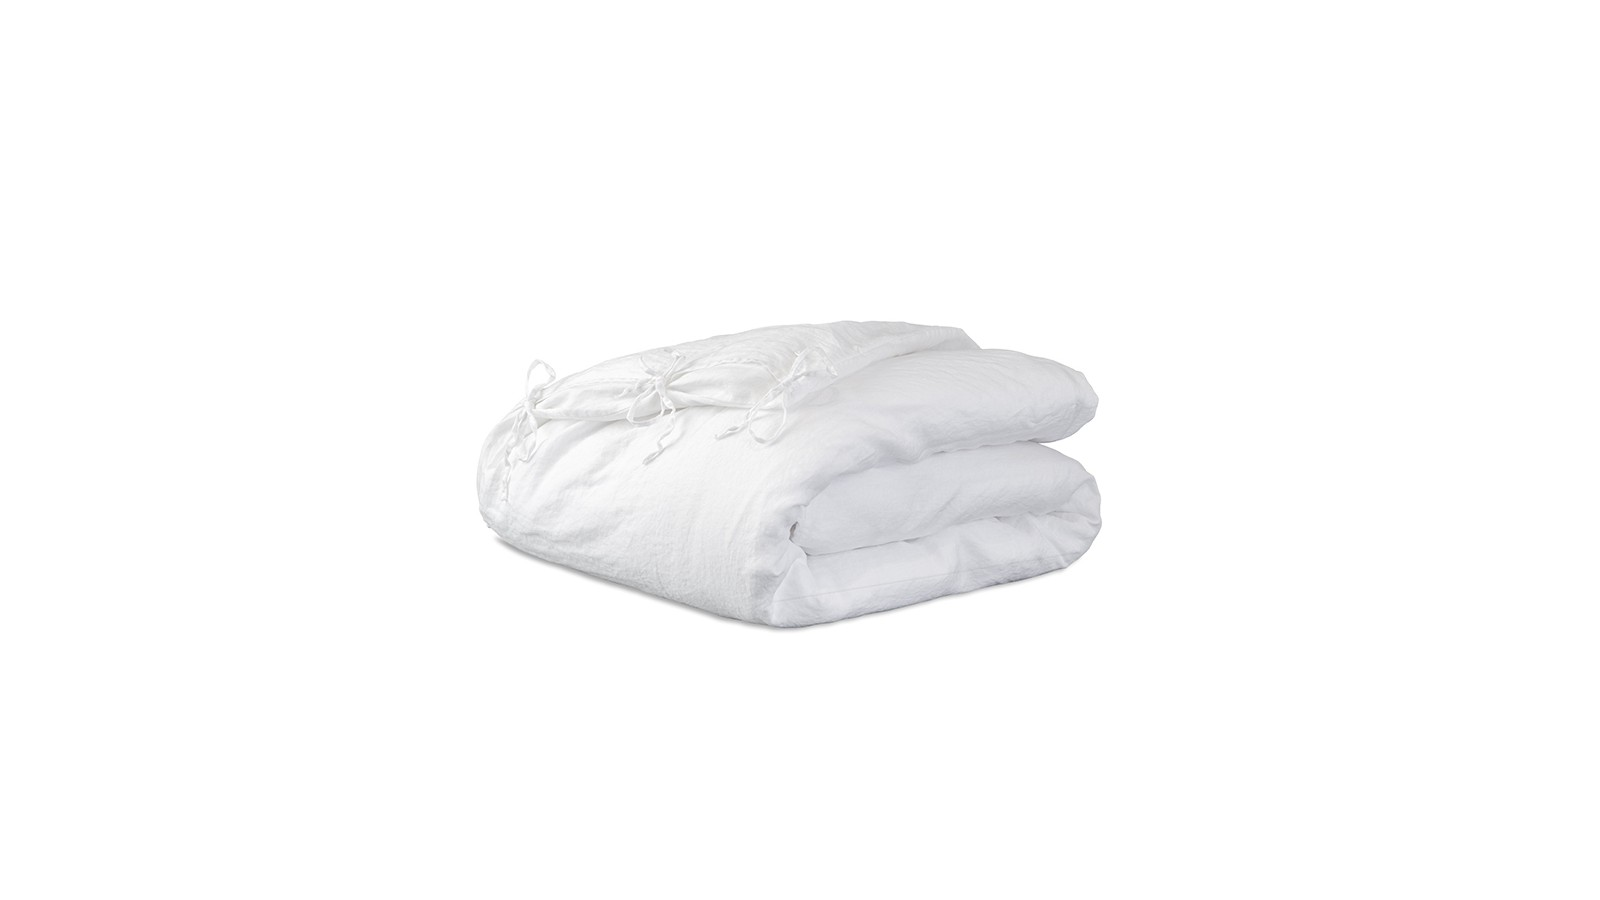 Housse d'édredon 110 x 160 cm en lin lavé uni Blanc Optique